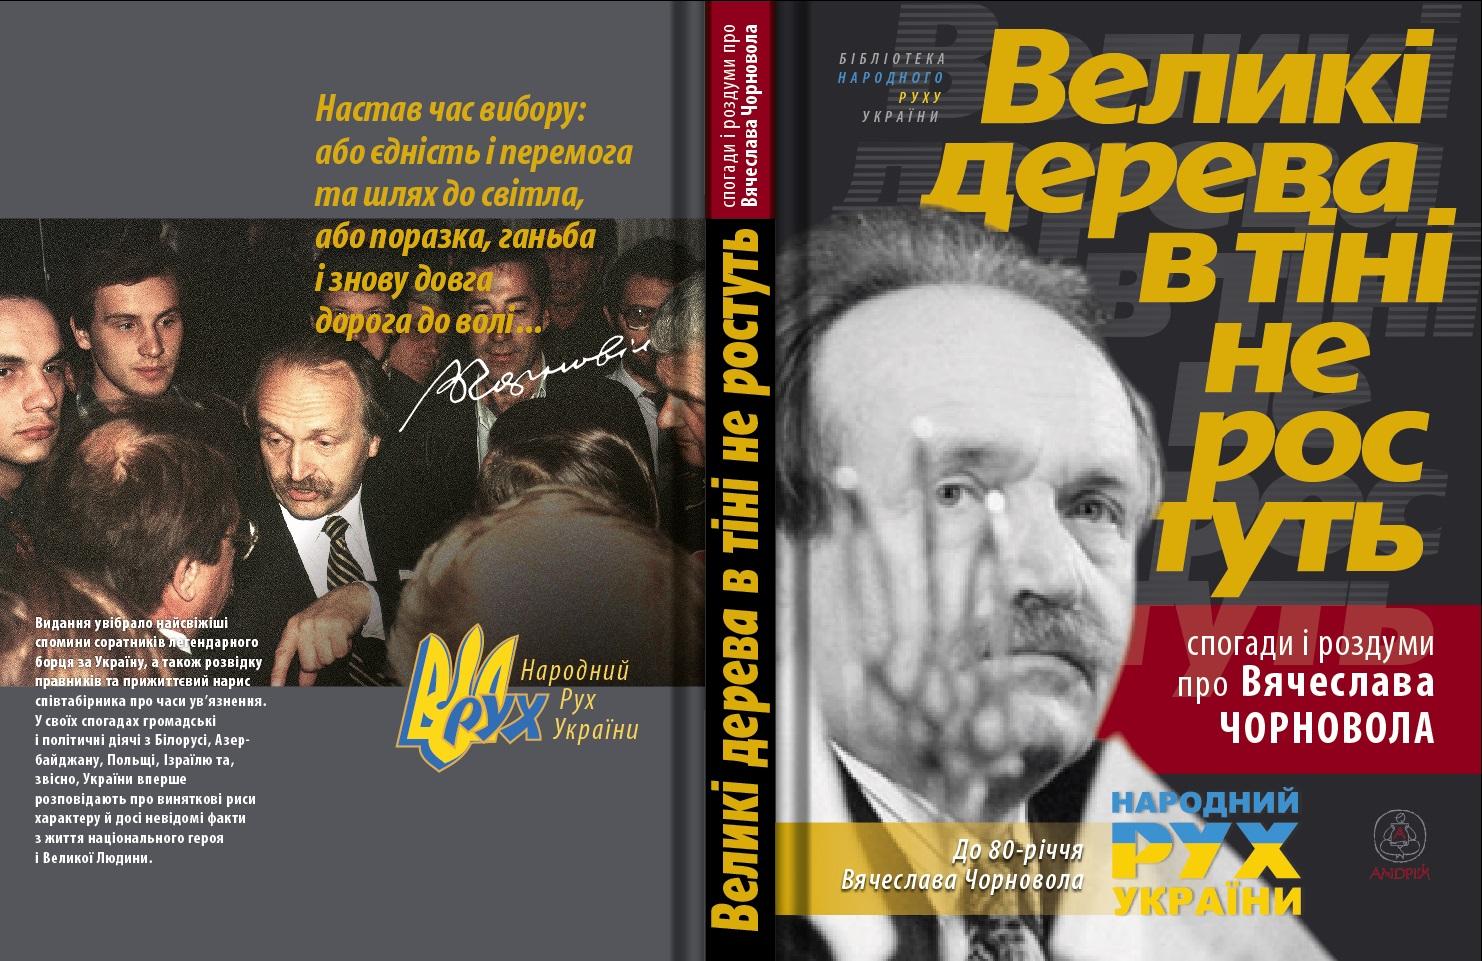 На Закарпатті презентують книгу спогадів В'ячеслава Чорновола